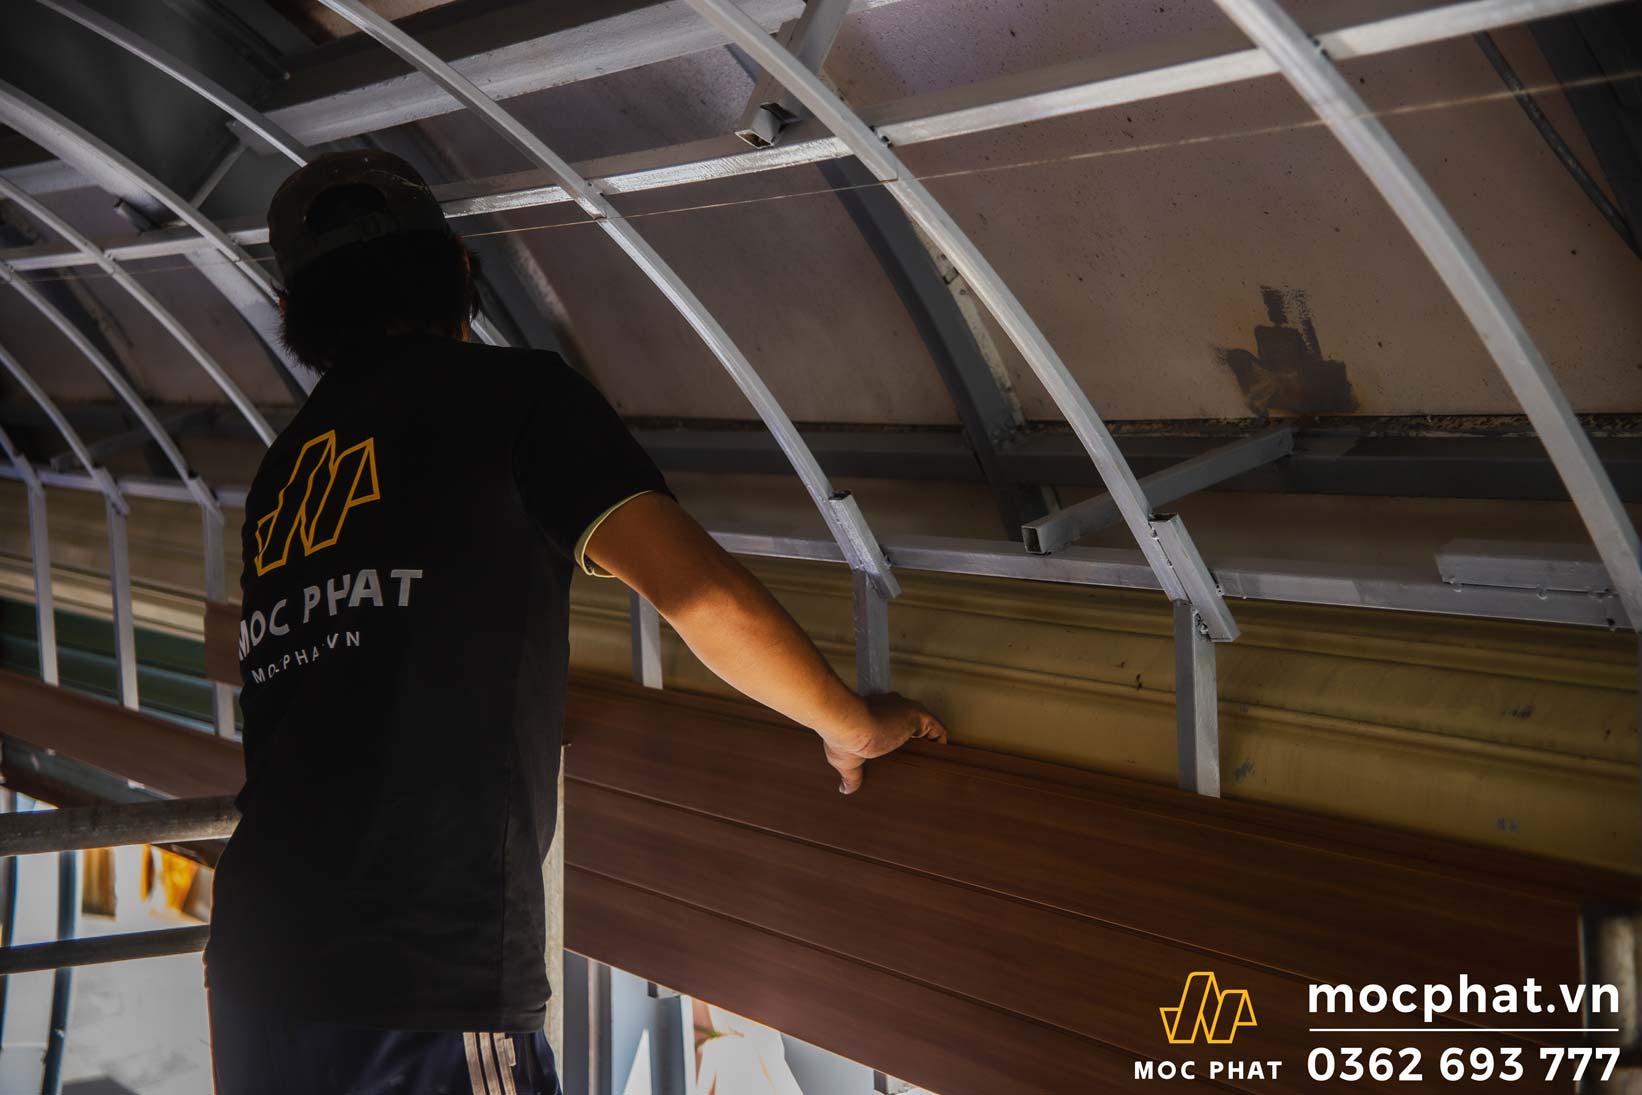 thi công trần gỗ nhựa Composite